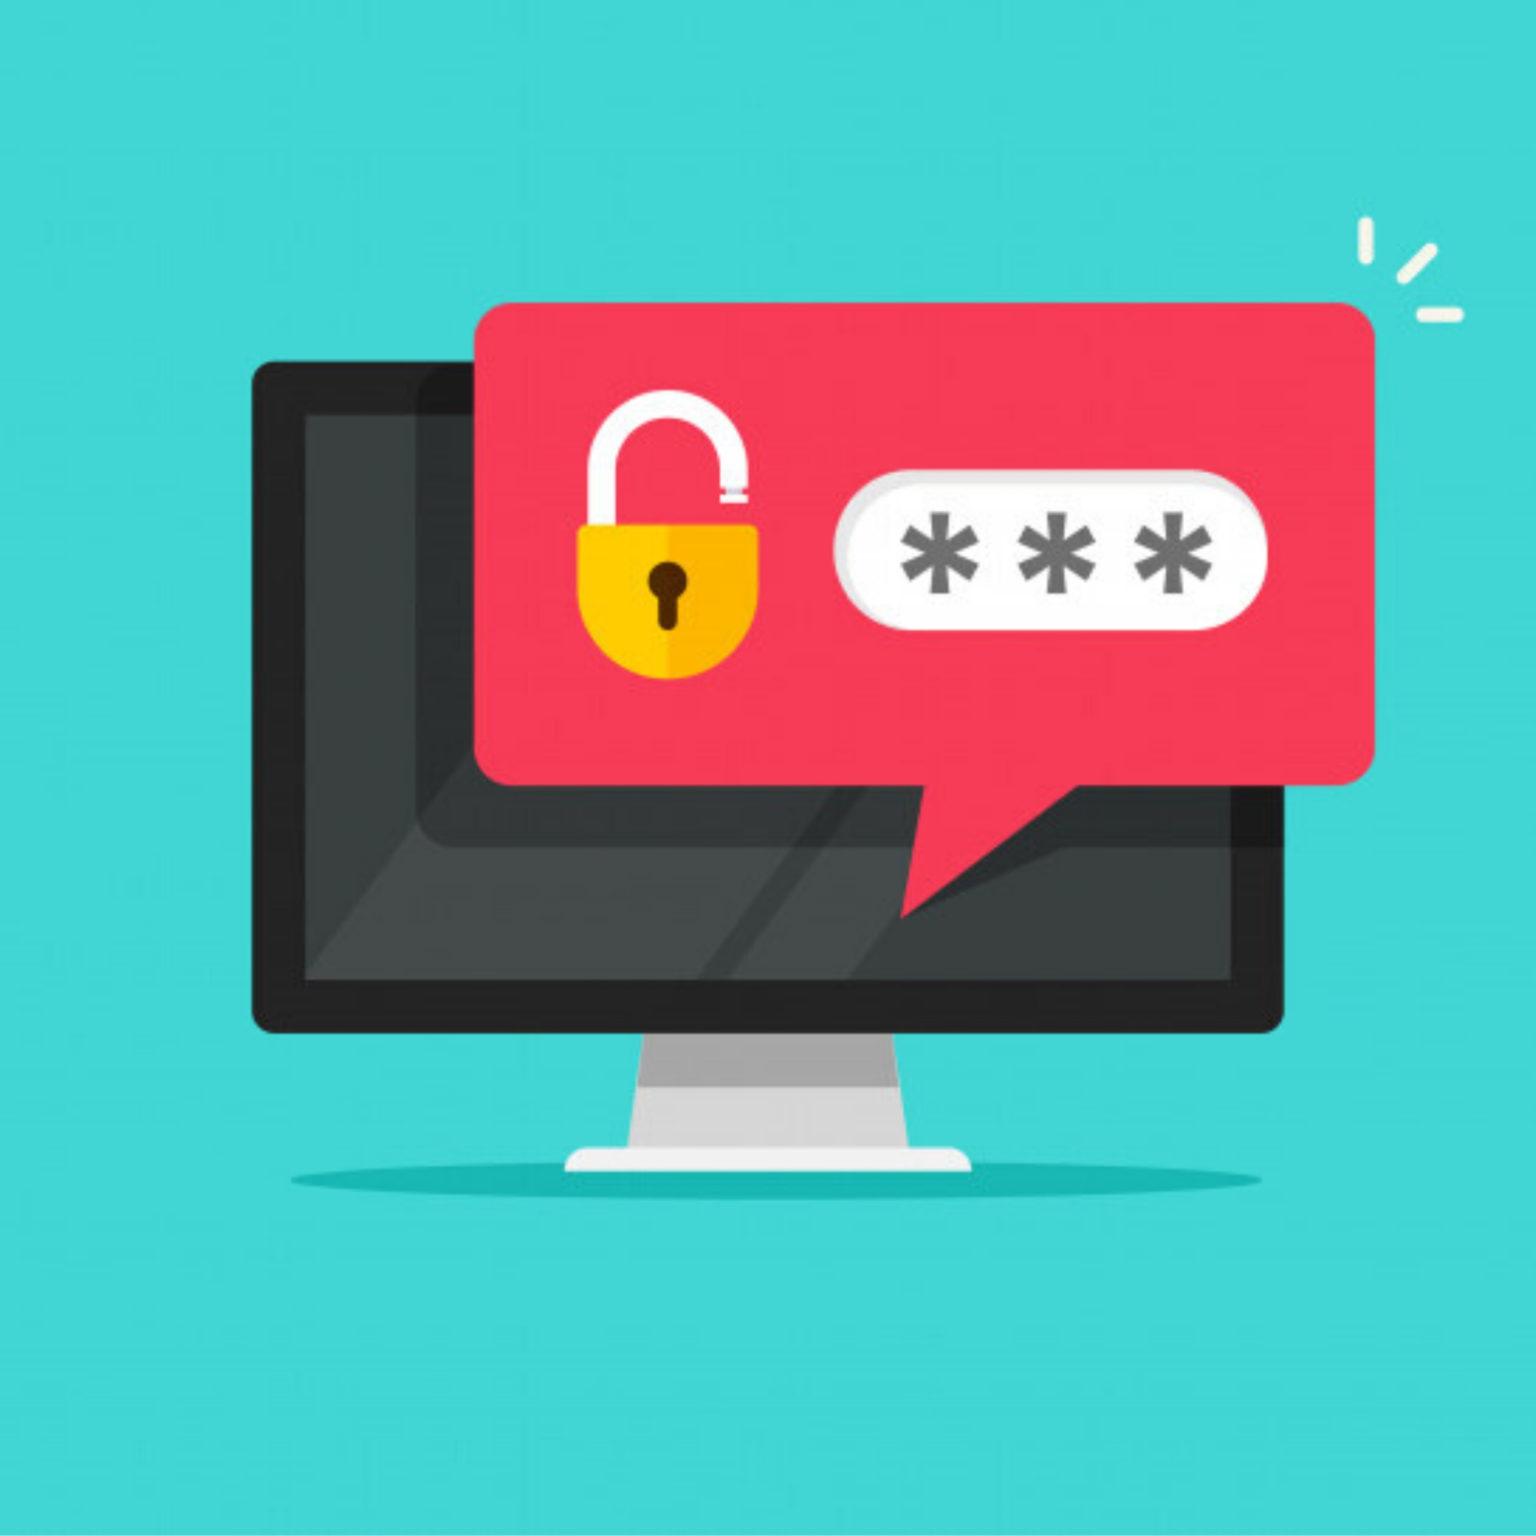 digital breakout lock password prompt